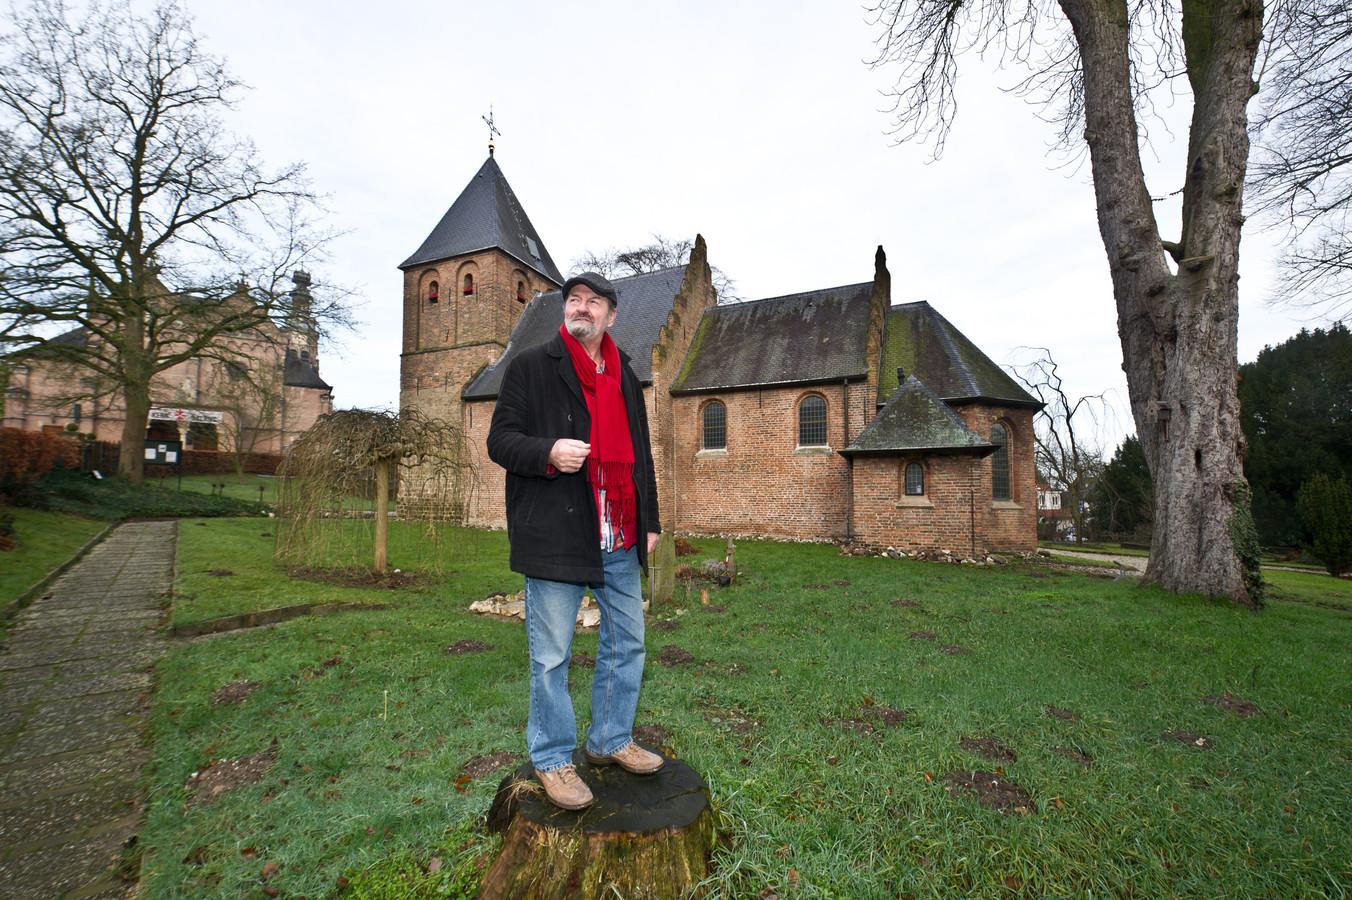 Kunstenaar Jan Rensen exposeert in het kleine kerkje van Beek.